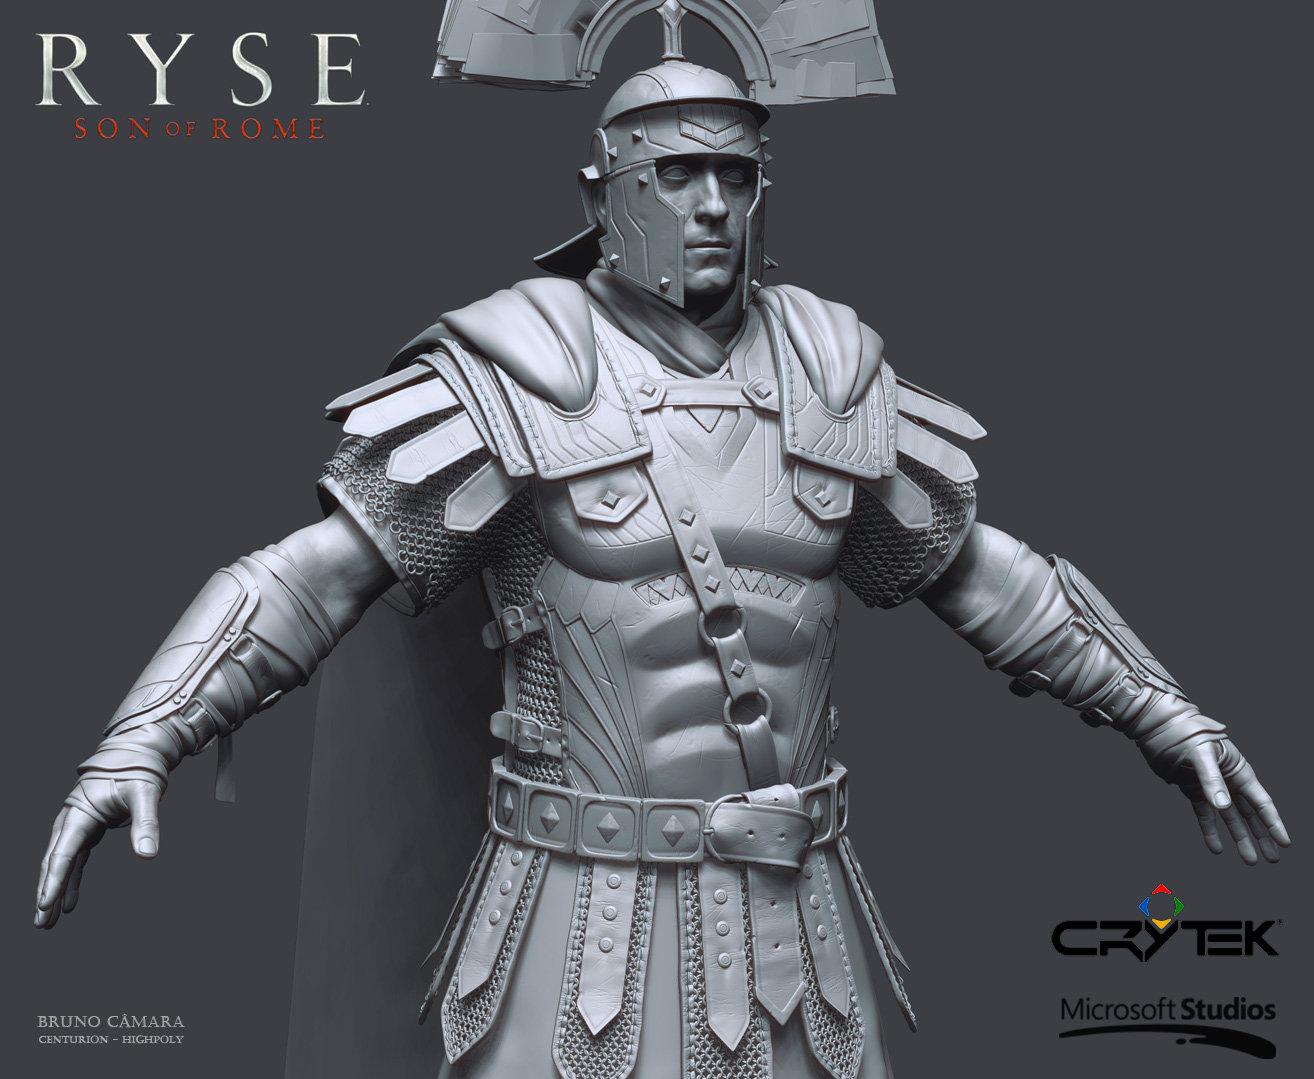 Bruno camara centurion high close